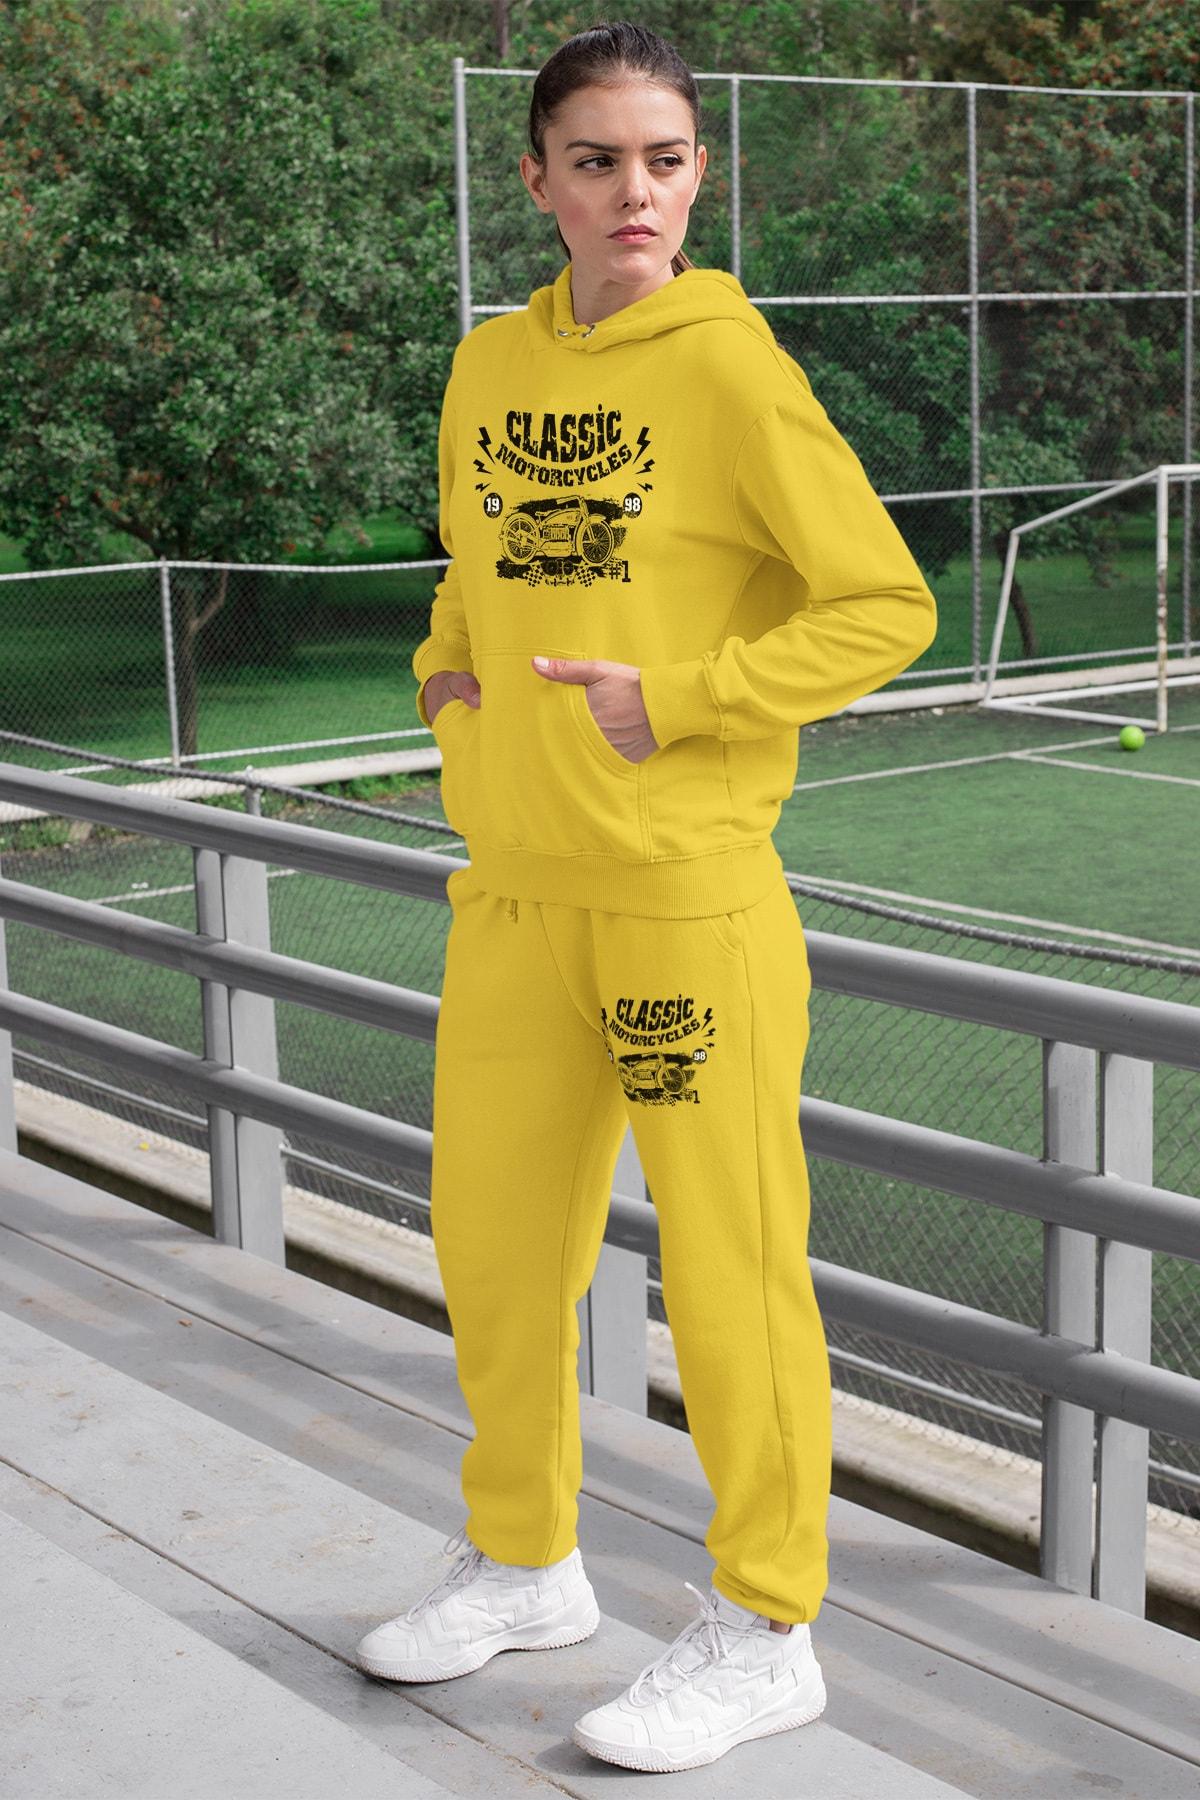 Wear Motorcycles Kadın Eşofman Takımı Sarı Kapşonlu Sweatshirt Sarı Eşofman Altı